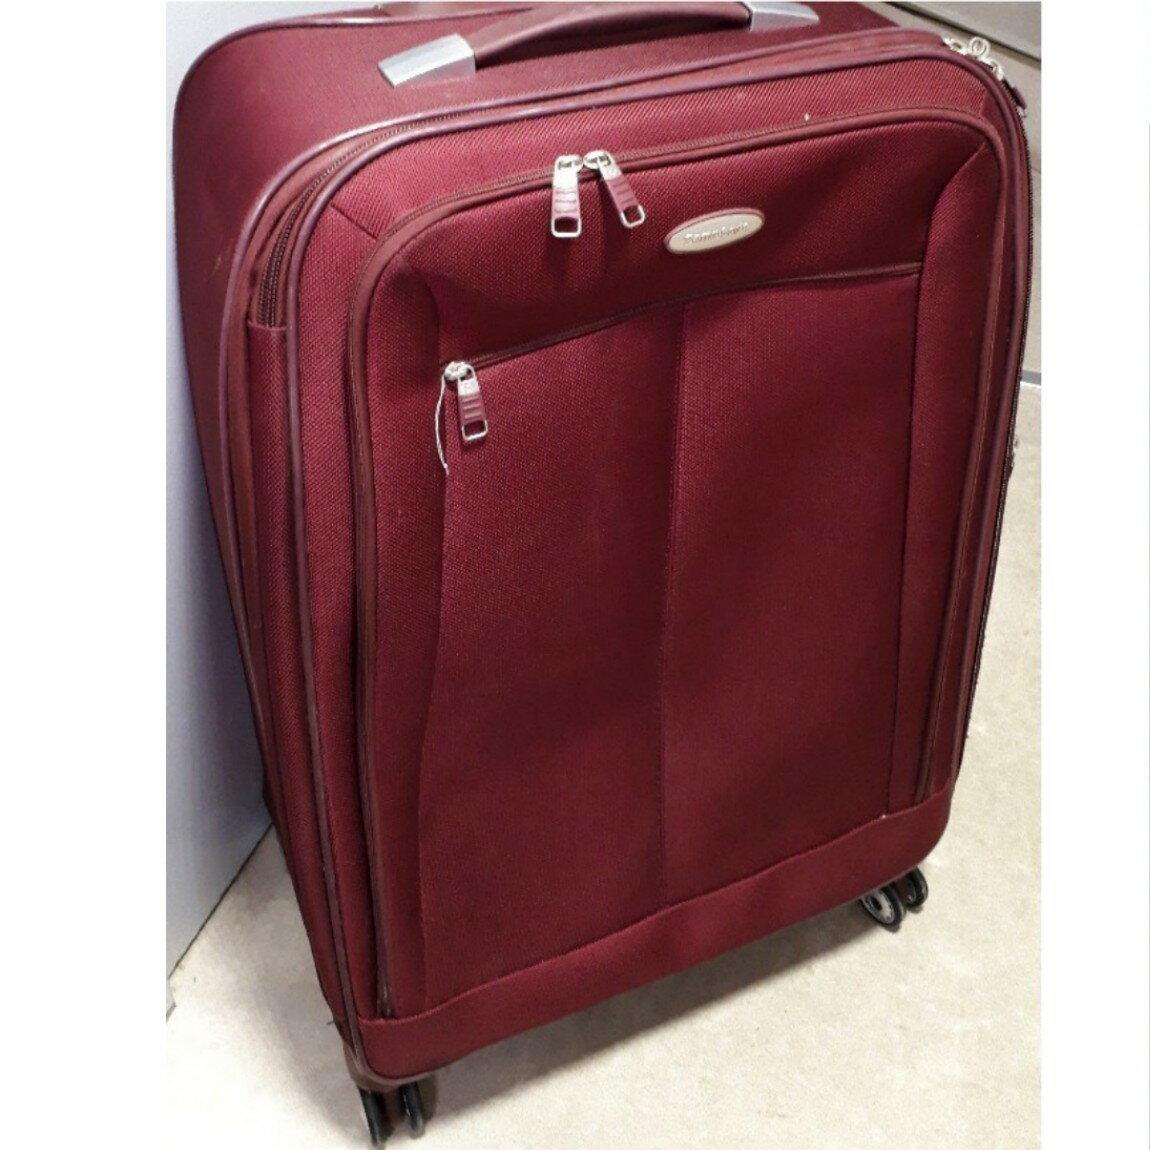 男女兼用バッグ, その他 4W72H52D33cmW80H54D36cm